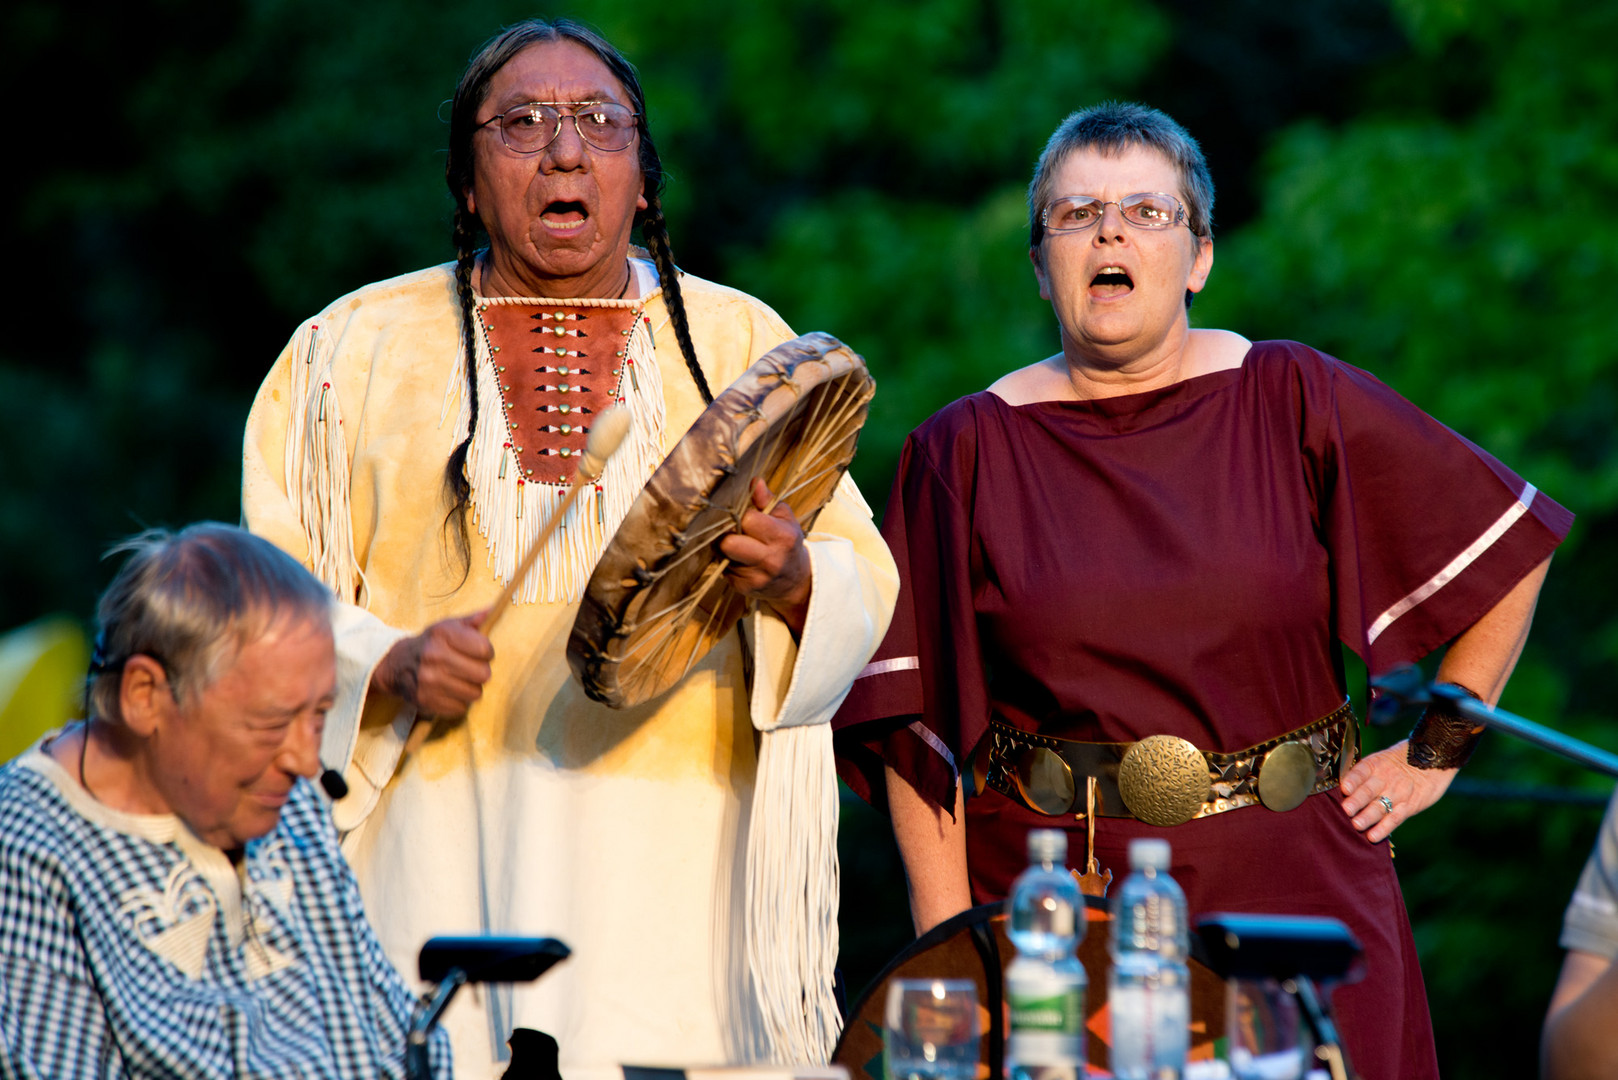 Urenkel von Sitting Bull